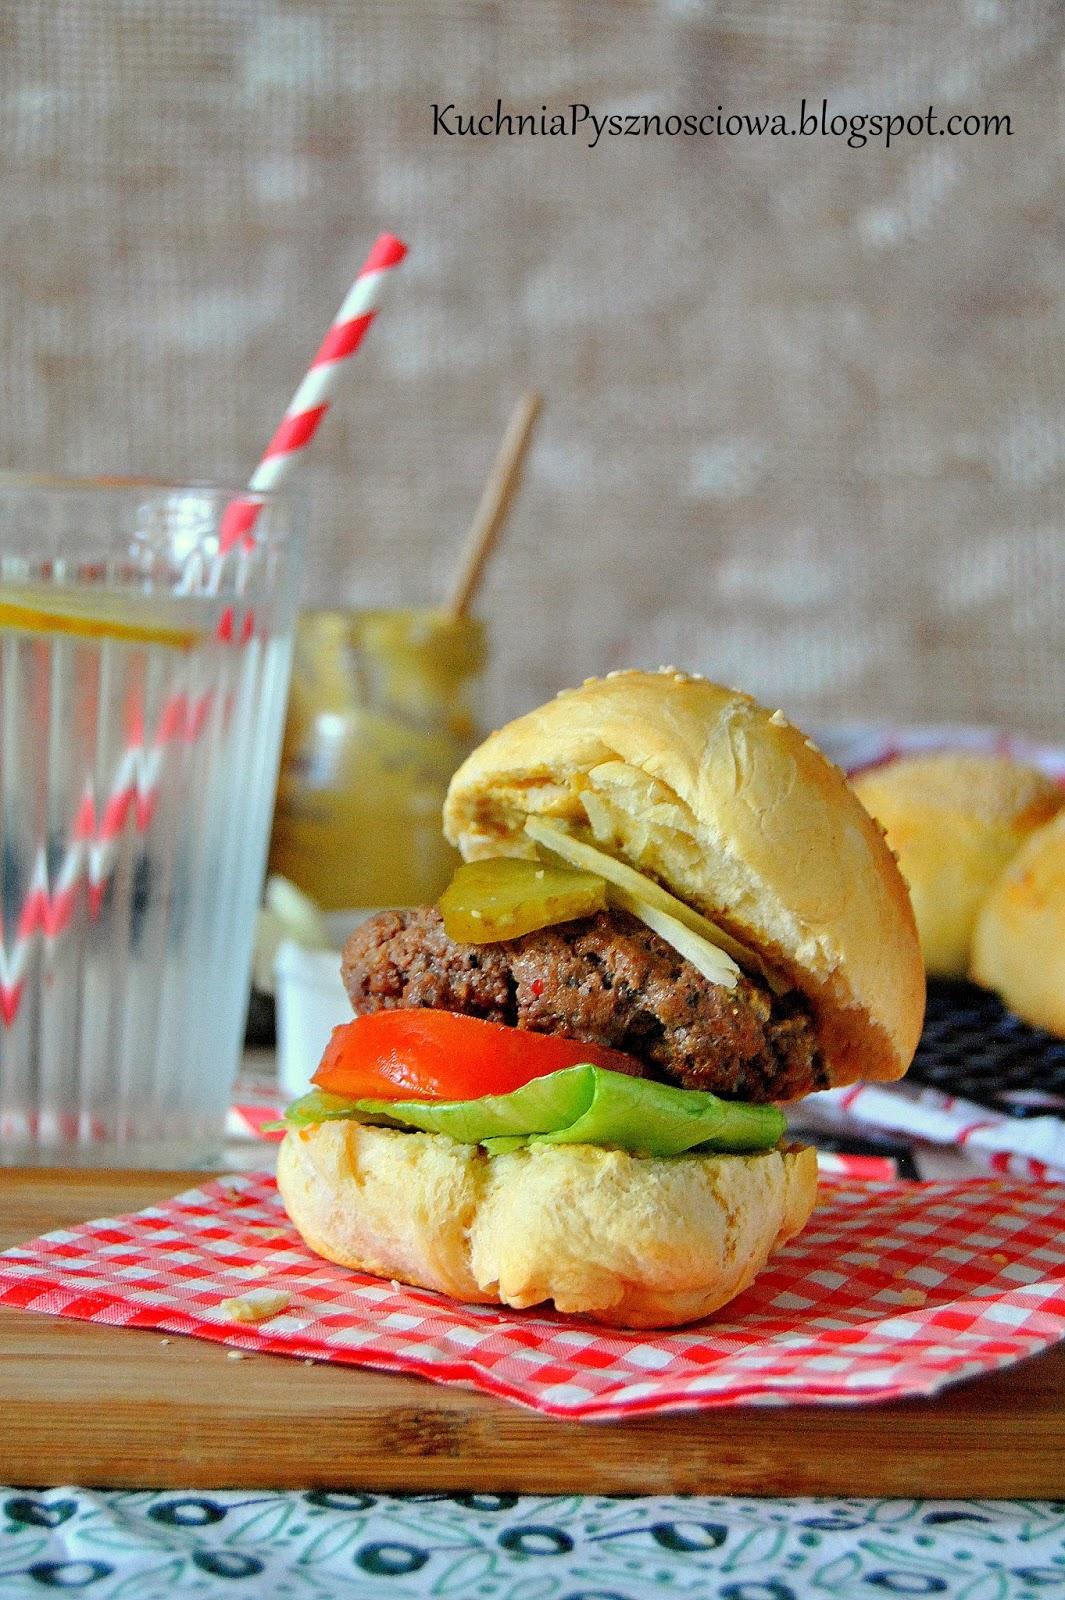 491. Domowe burgery